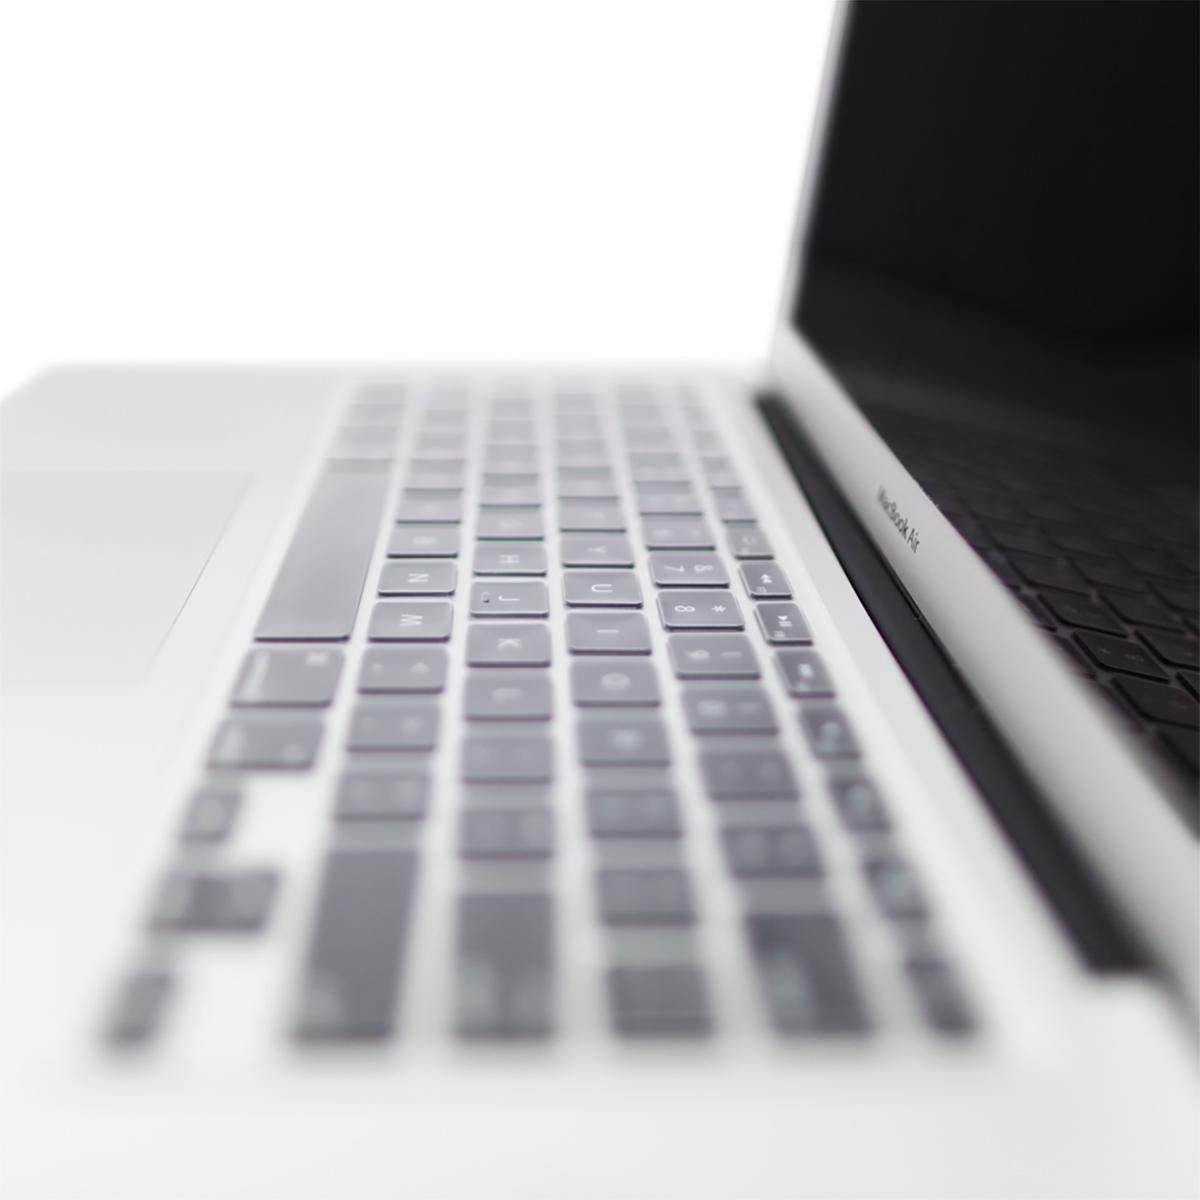 Keyboard Cover - Macbook Pro/Air 13''/15''/17'' and iMac Wireless Keyboard (TPU)